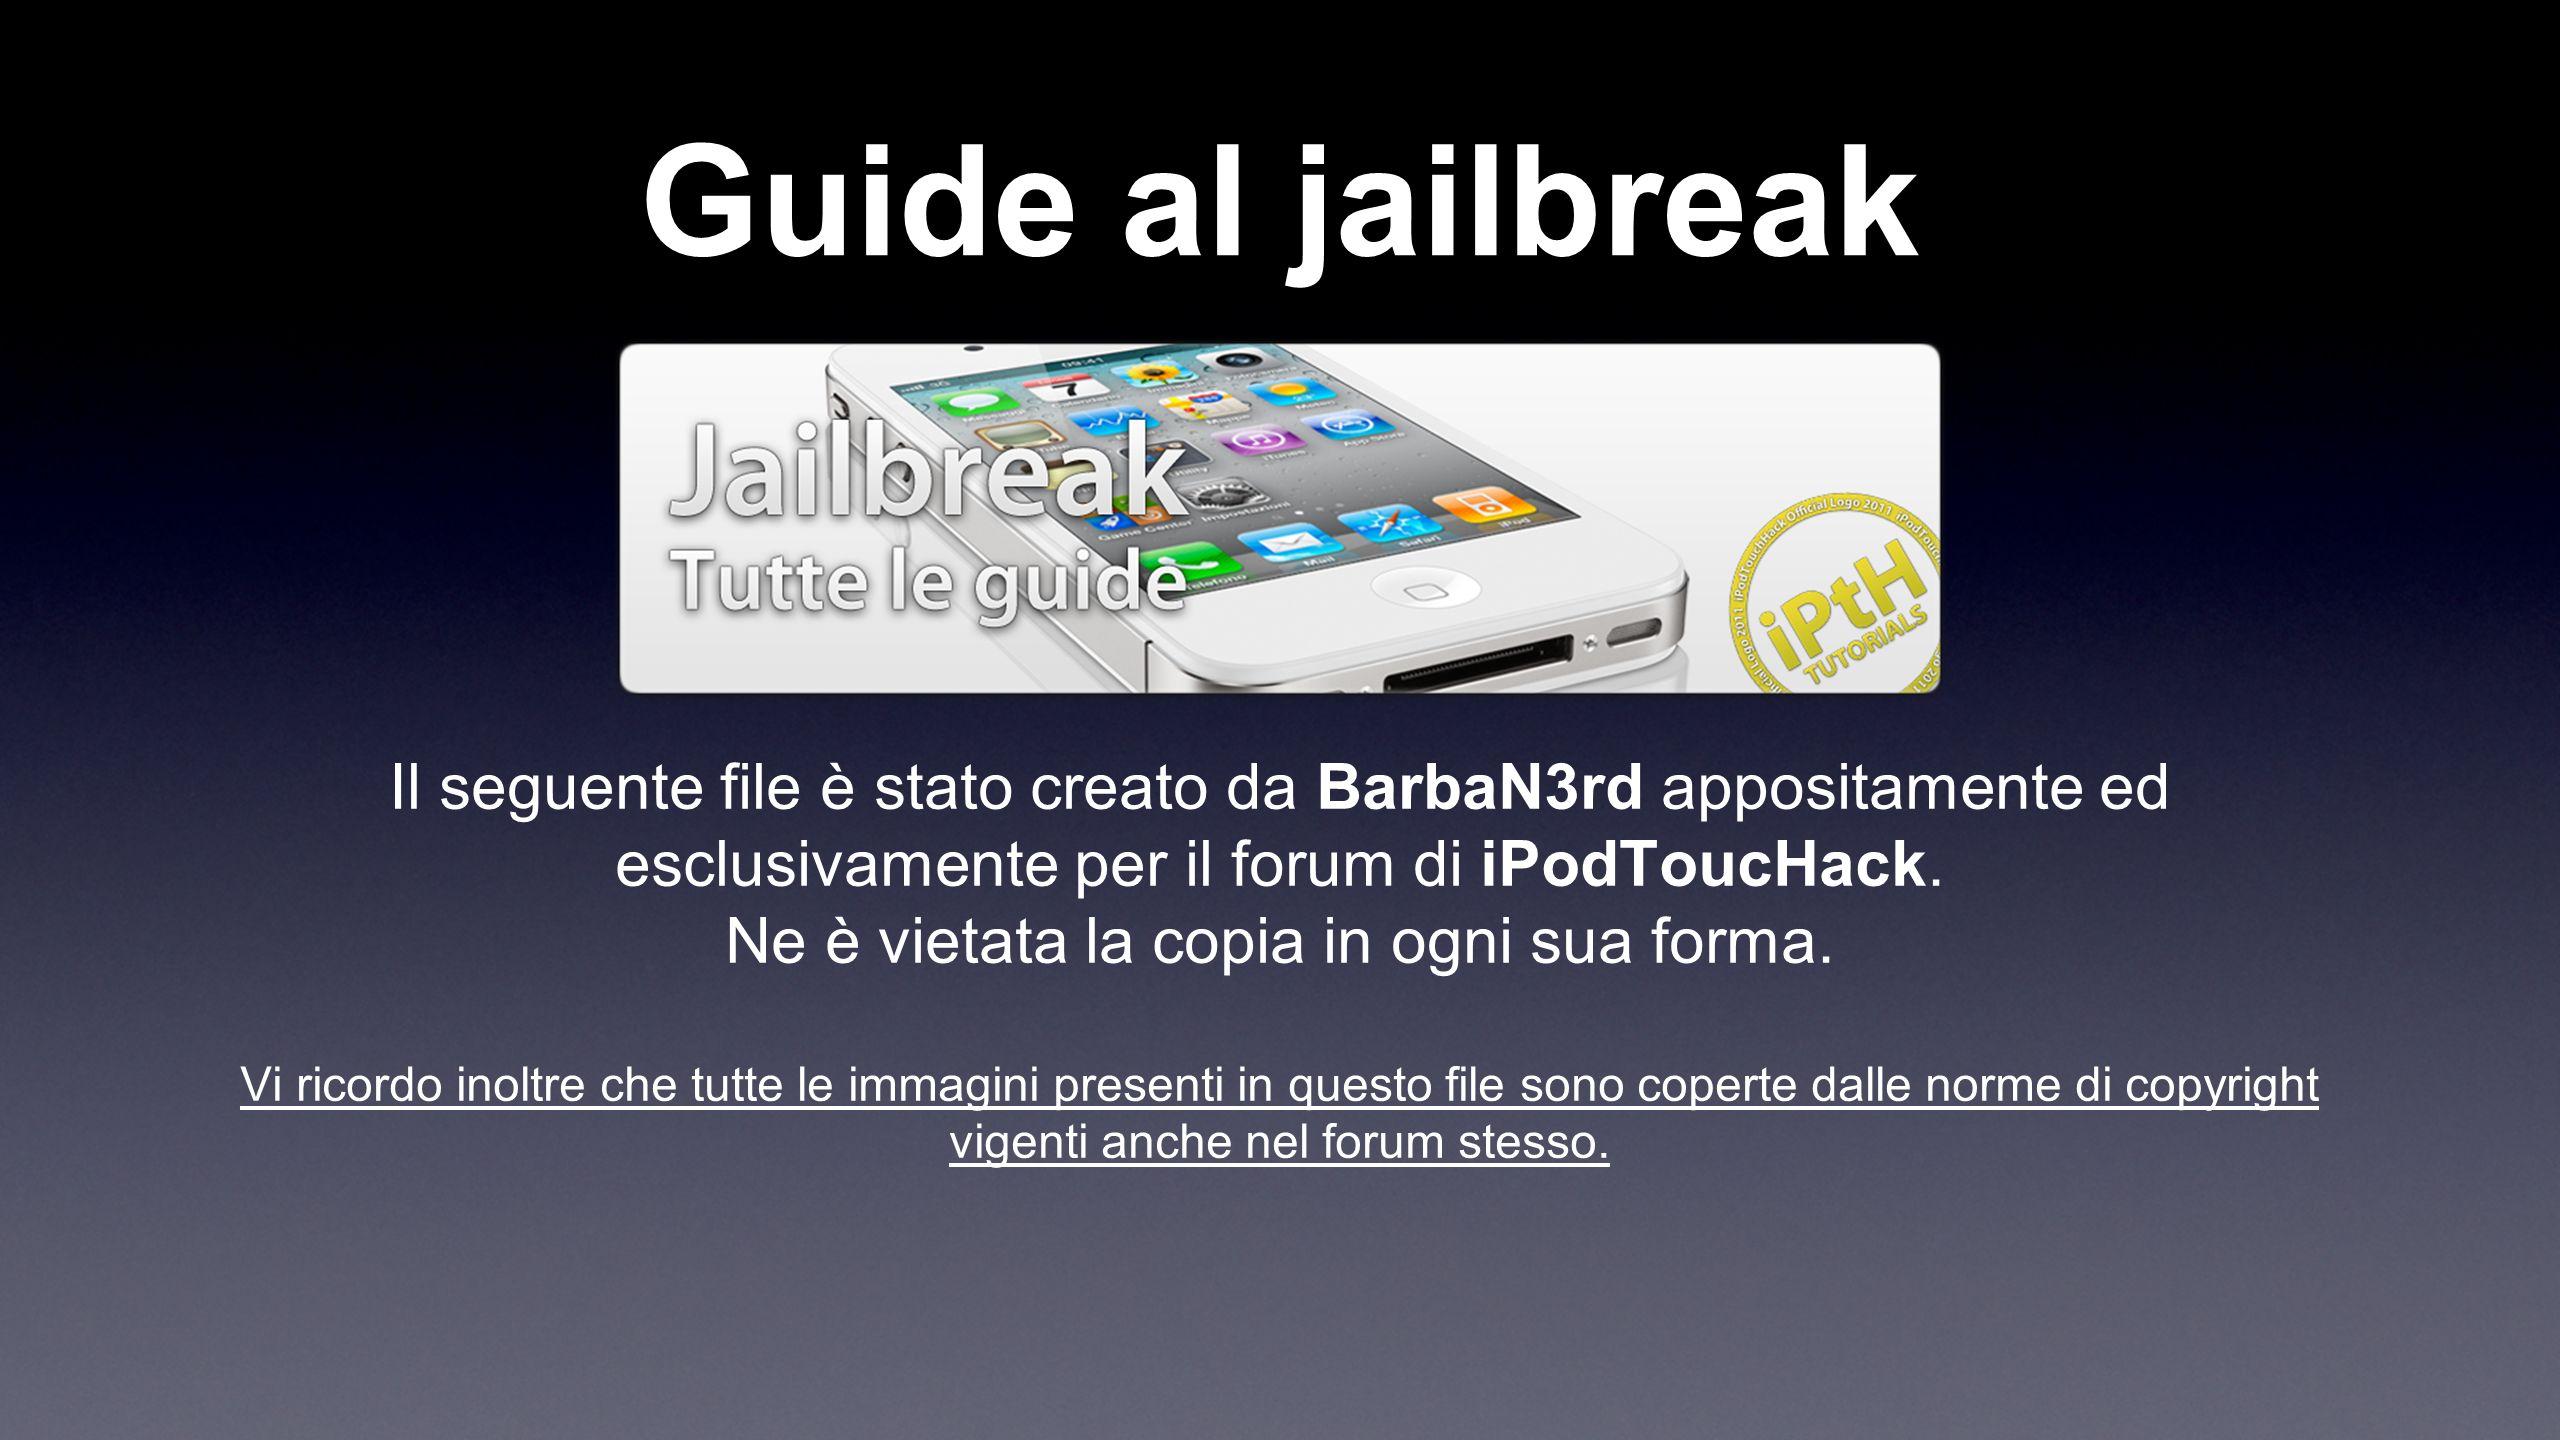 Guide al jailbreak Il seguente file è stato creato da BarbaN3rd appositamente ed esclusivamente per il forum di iPodToucHack. Ne è vietata la copia in